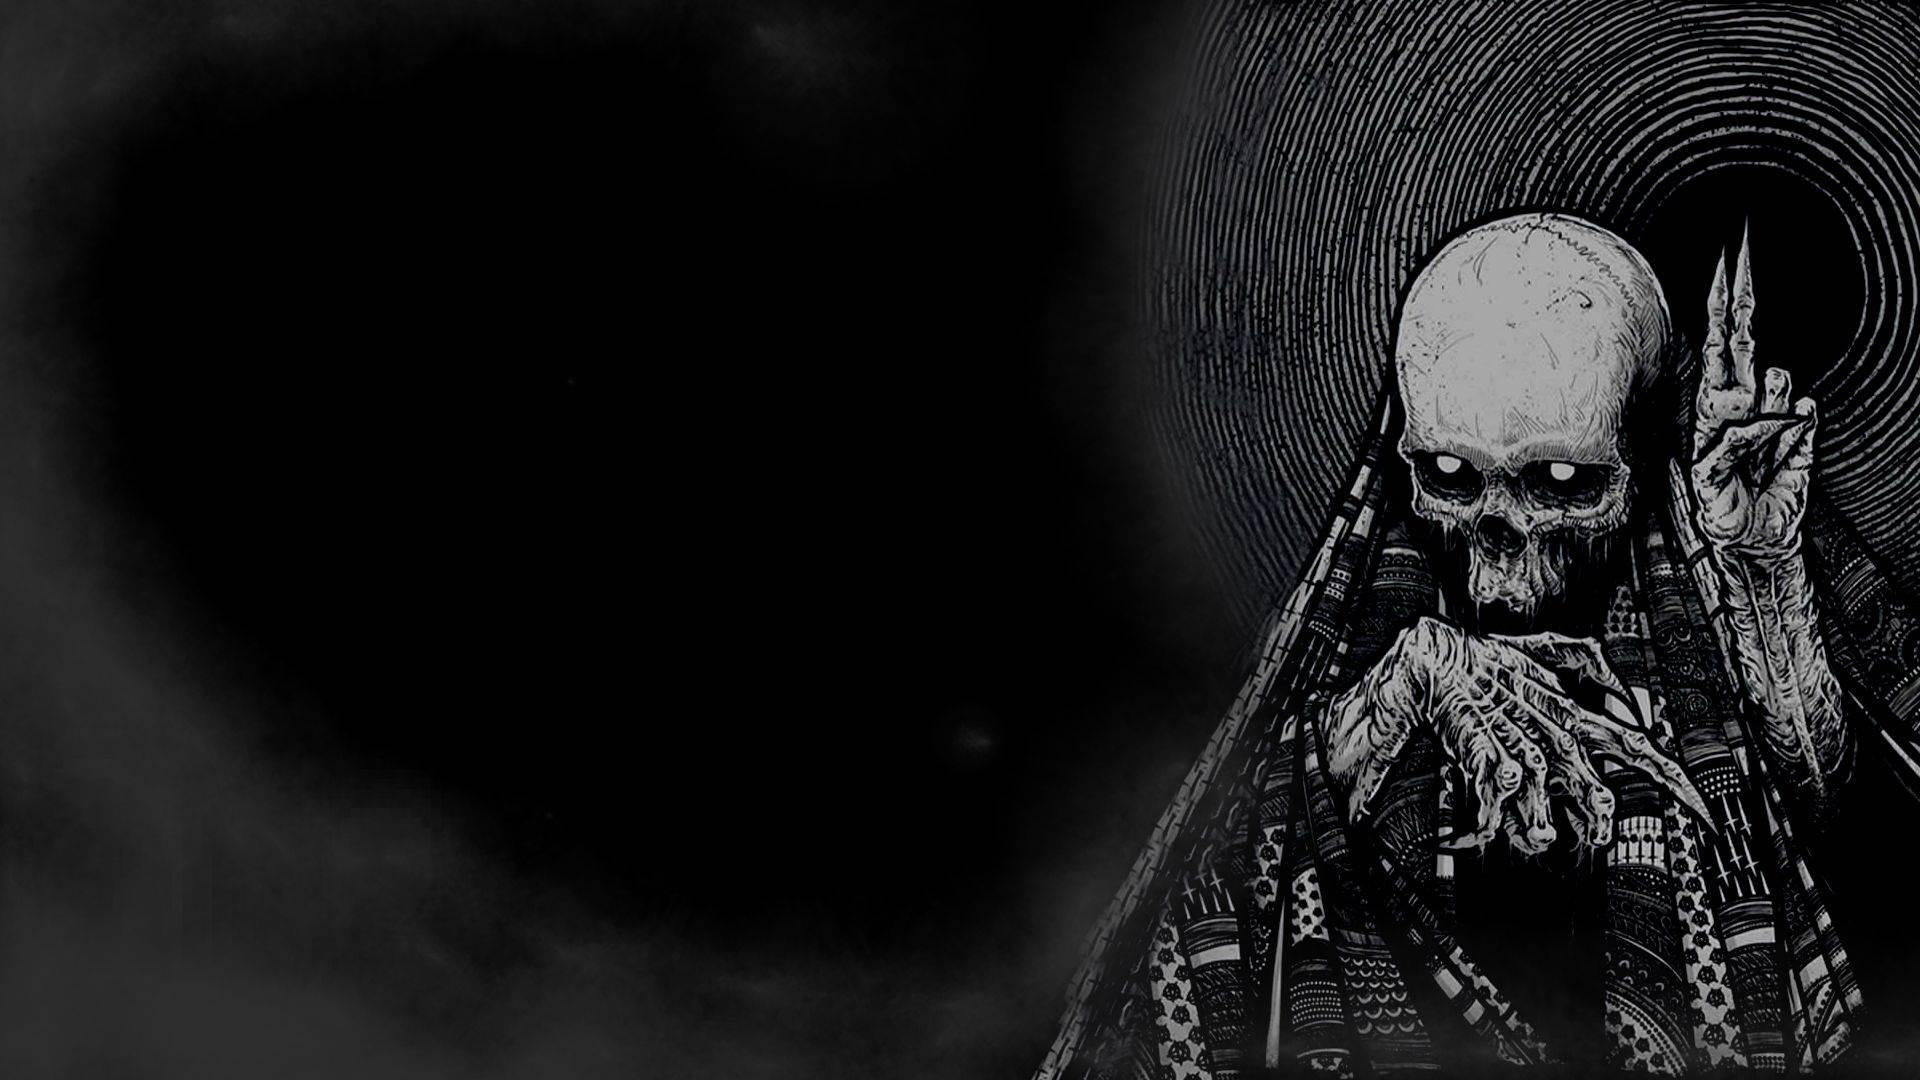 Black Skull Wallpapers Top Free Black Skull Backgrounds